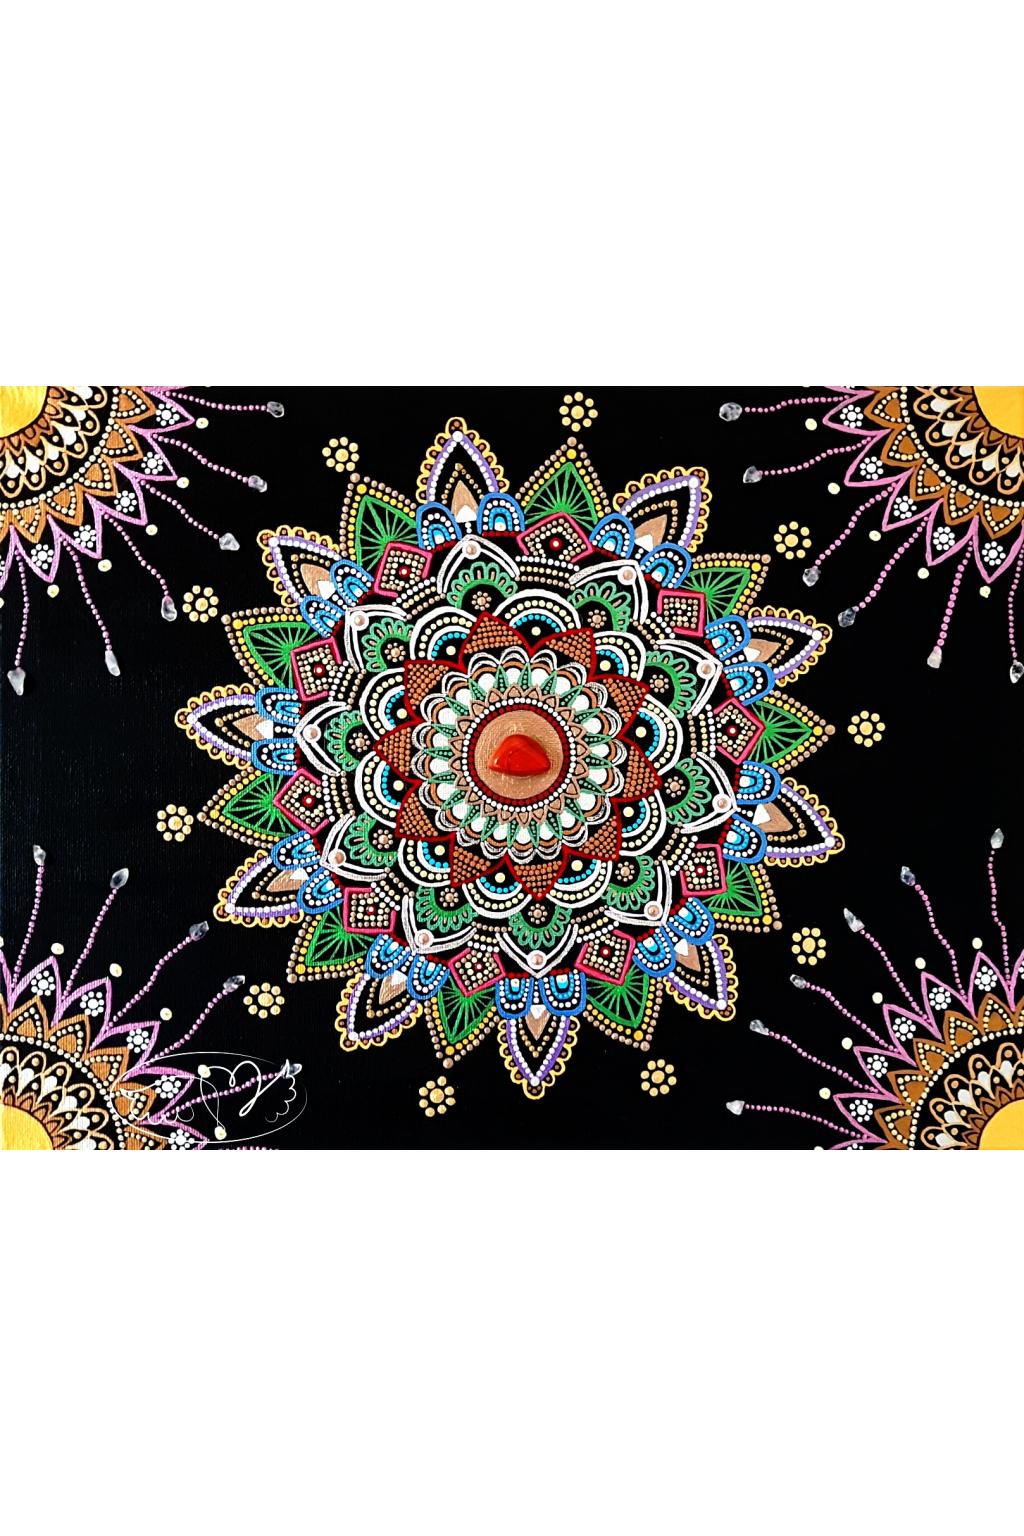 Mandala - Sebeláska a sebepřijetí 30x40cm60440361 484324882142729 2496811205247631360 o